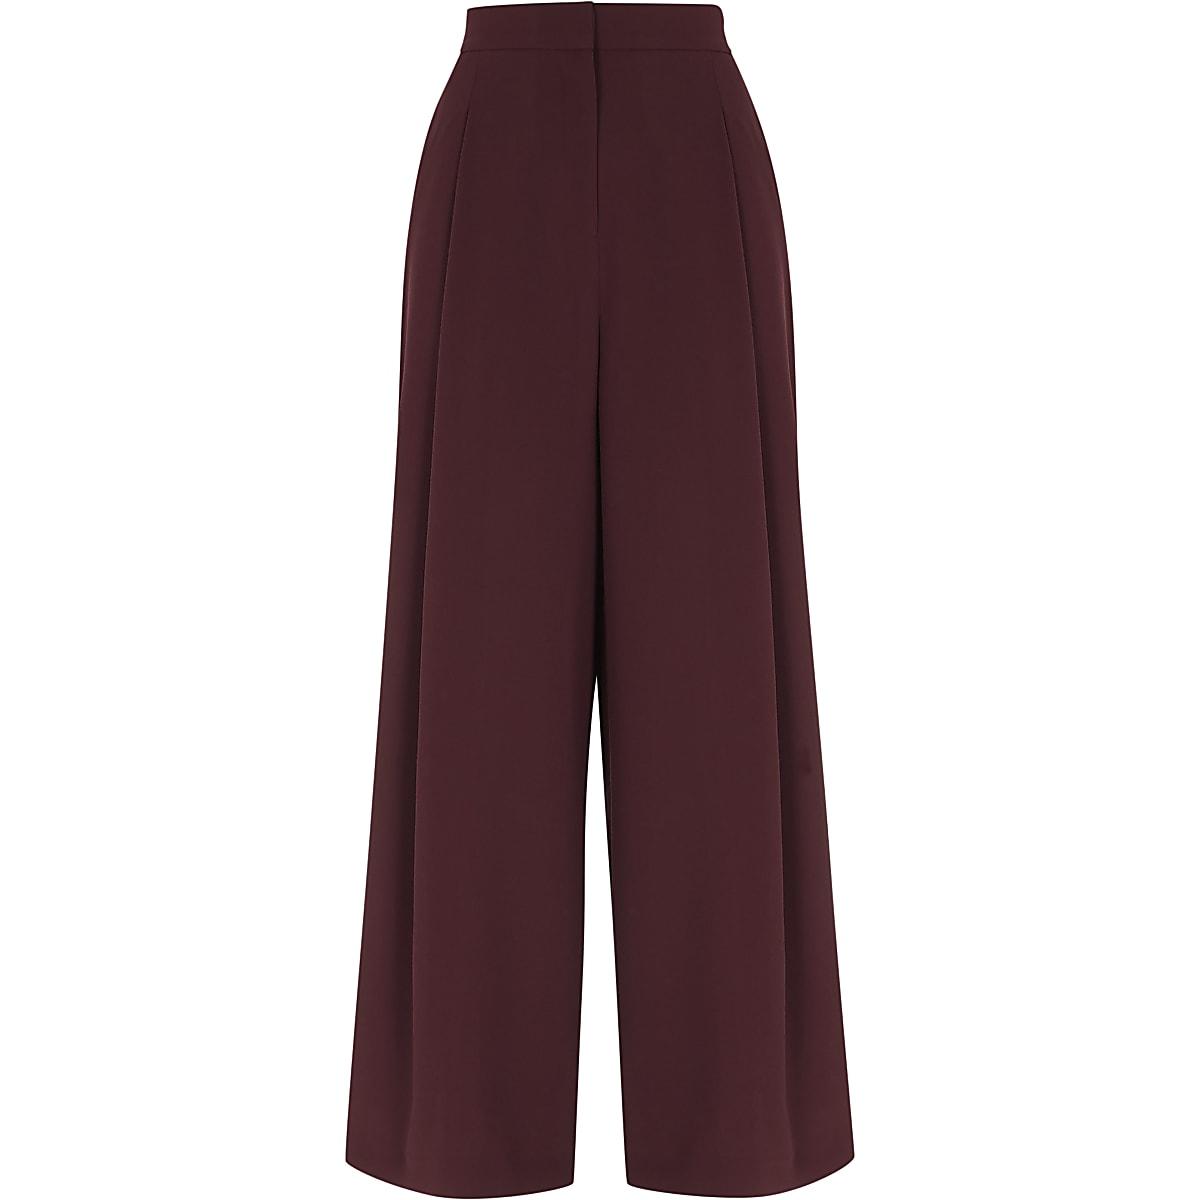 Burgundy side stripe wide leg trousers